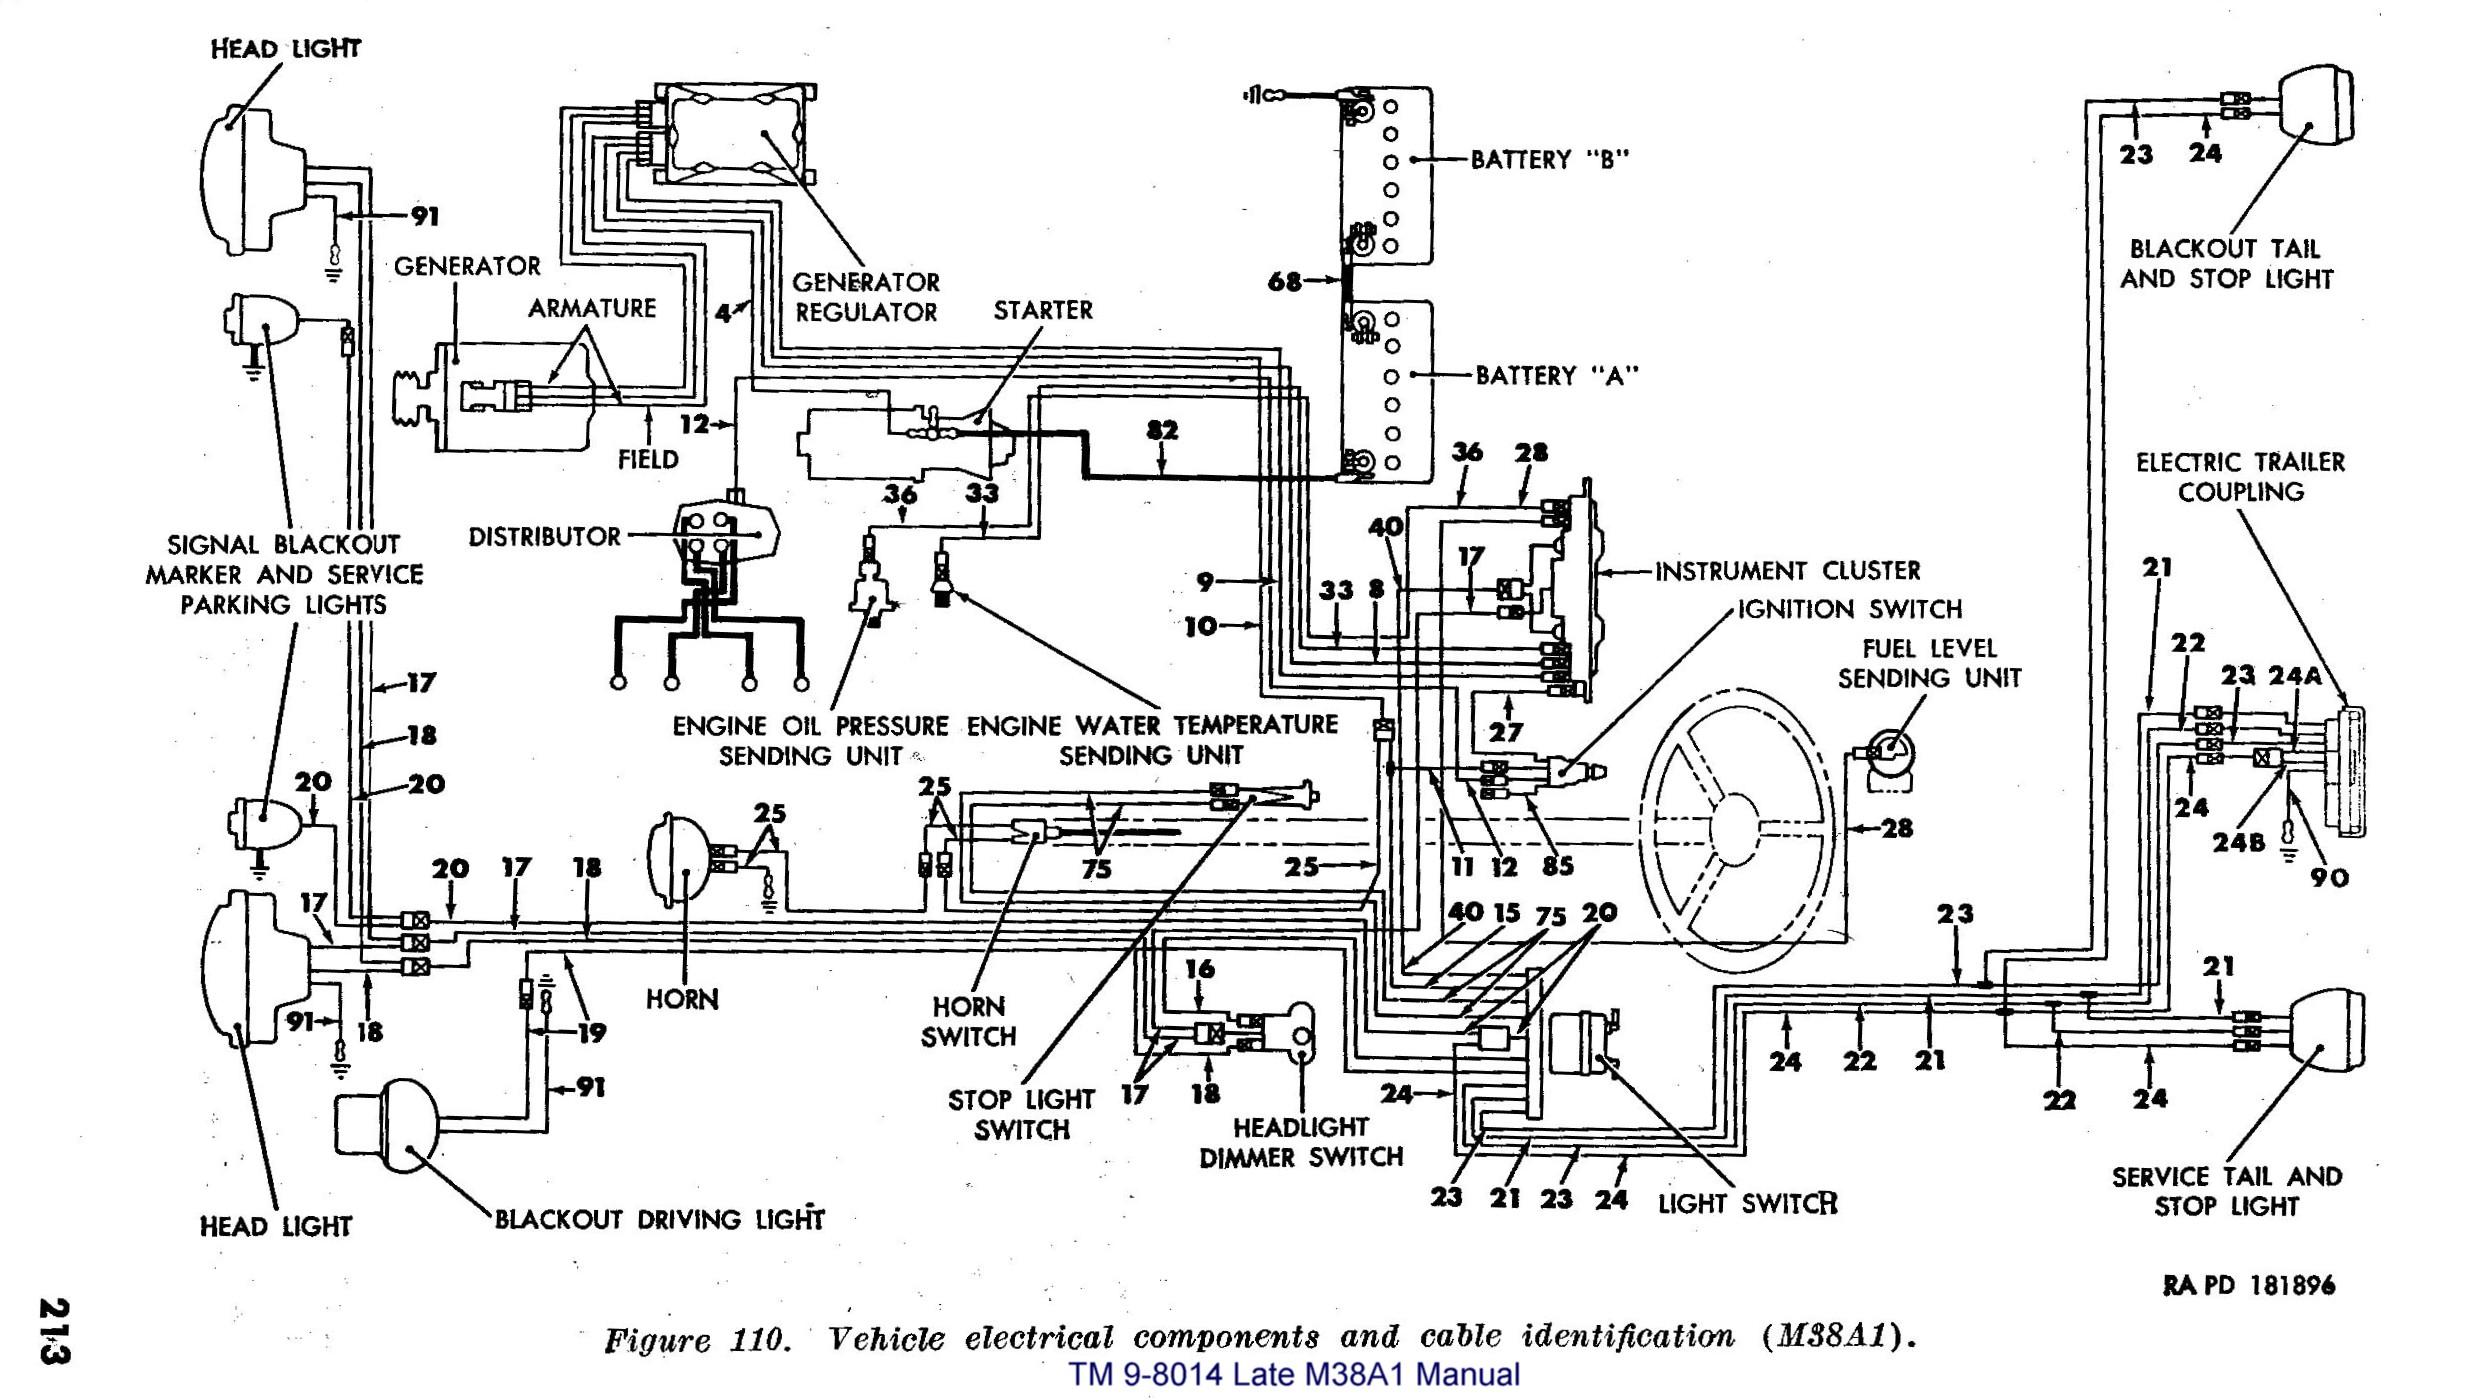 M151 Wiring Schematic